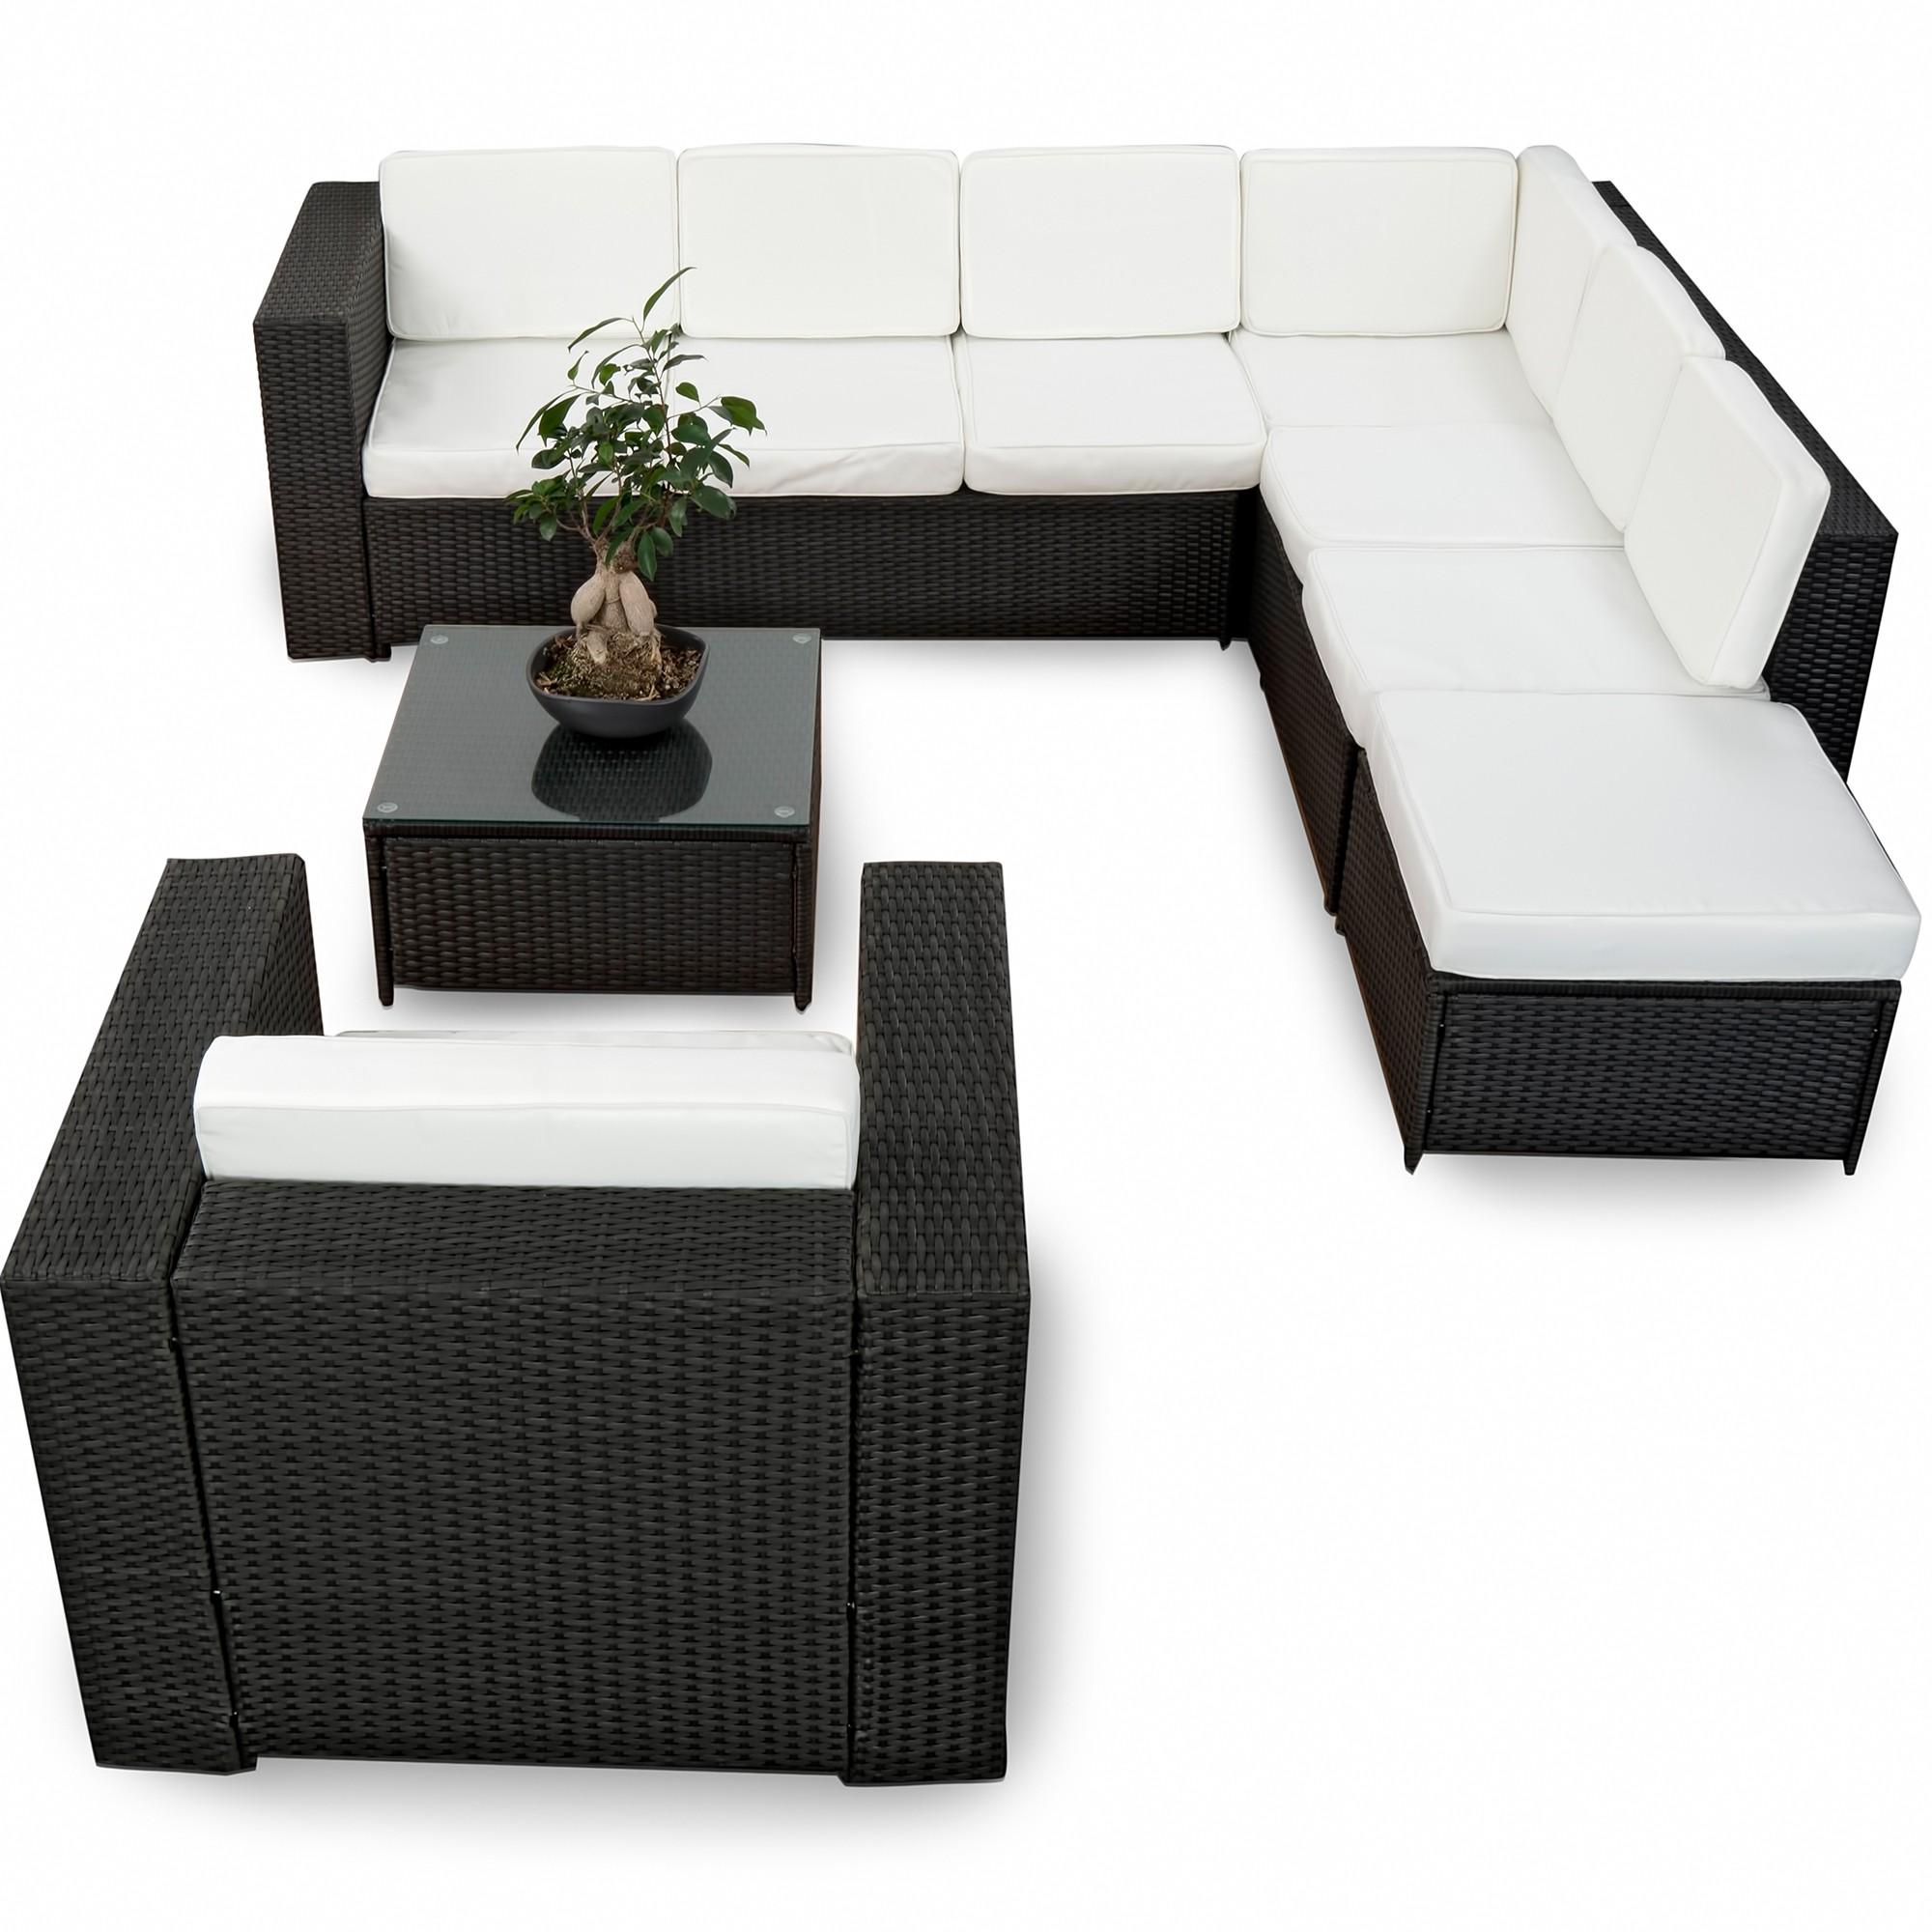 Elegant Kleine Garten Lounge Ideen